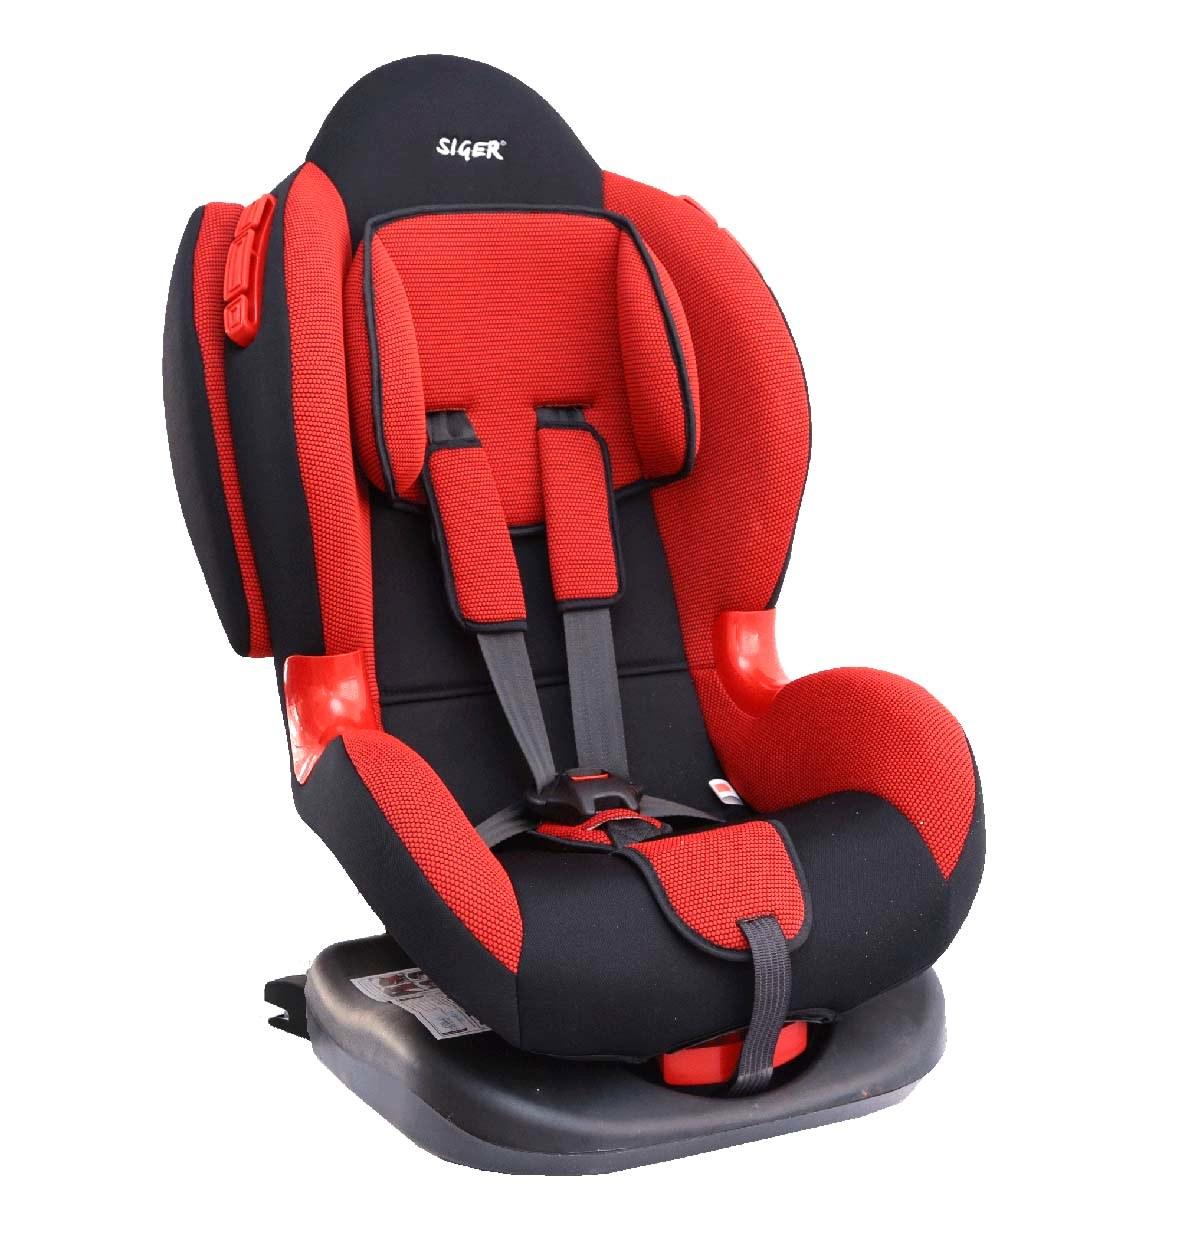 Купить Детское автомобильное кресло Siger КОКОН isofix КРЕС0117